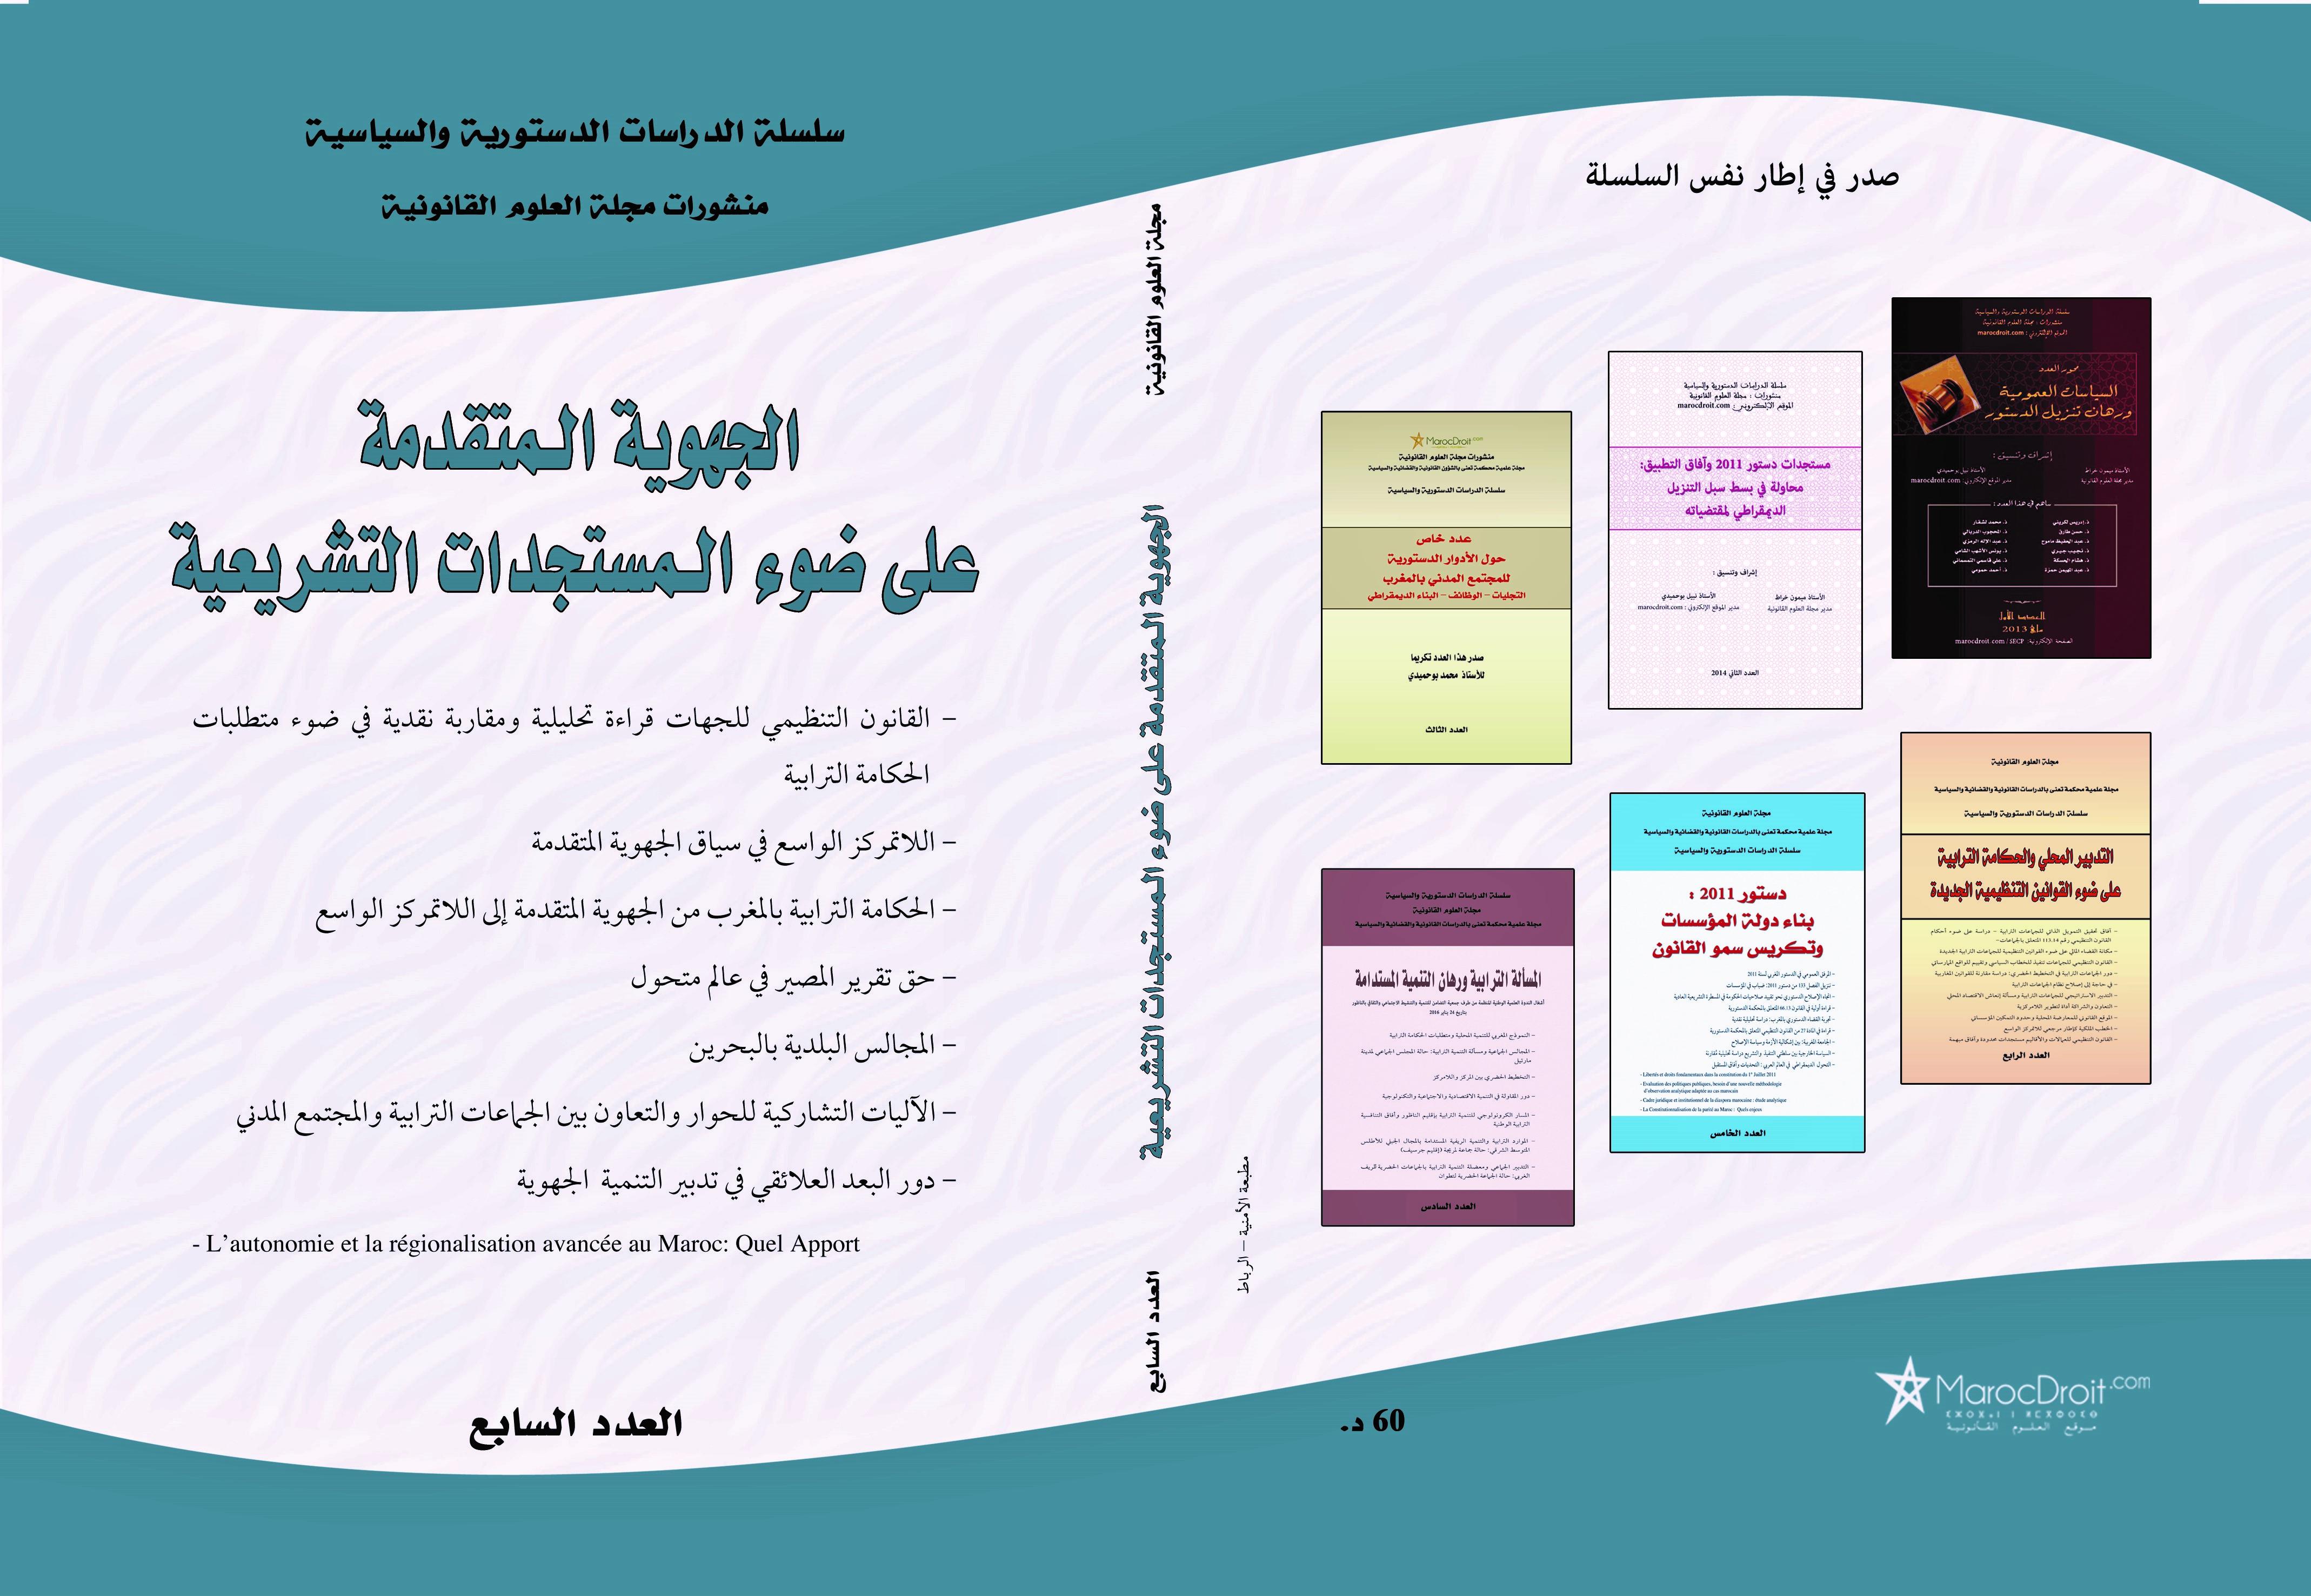 اصدار جديد عن مجلة العلوم القانونية: الجهوية المتقدمة على ضوء المستجدات التشريعية